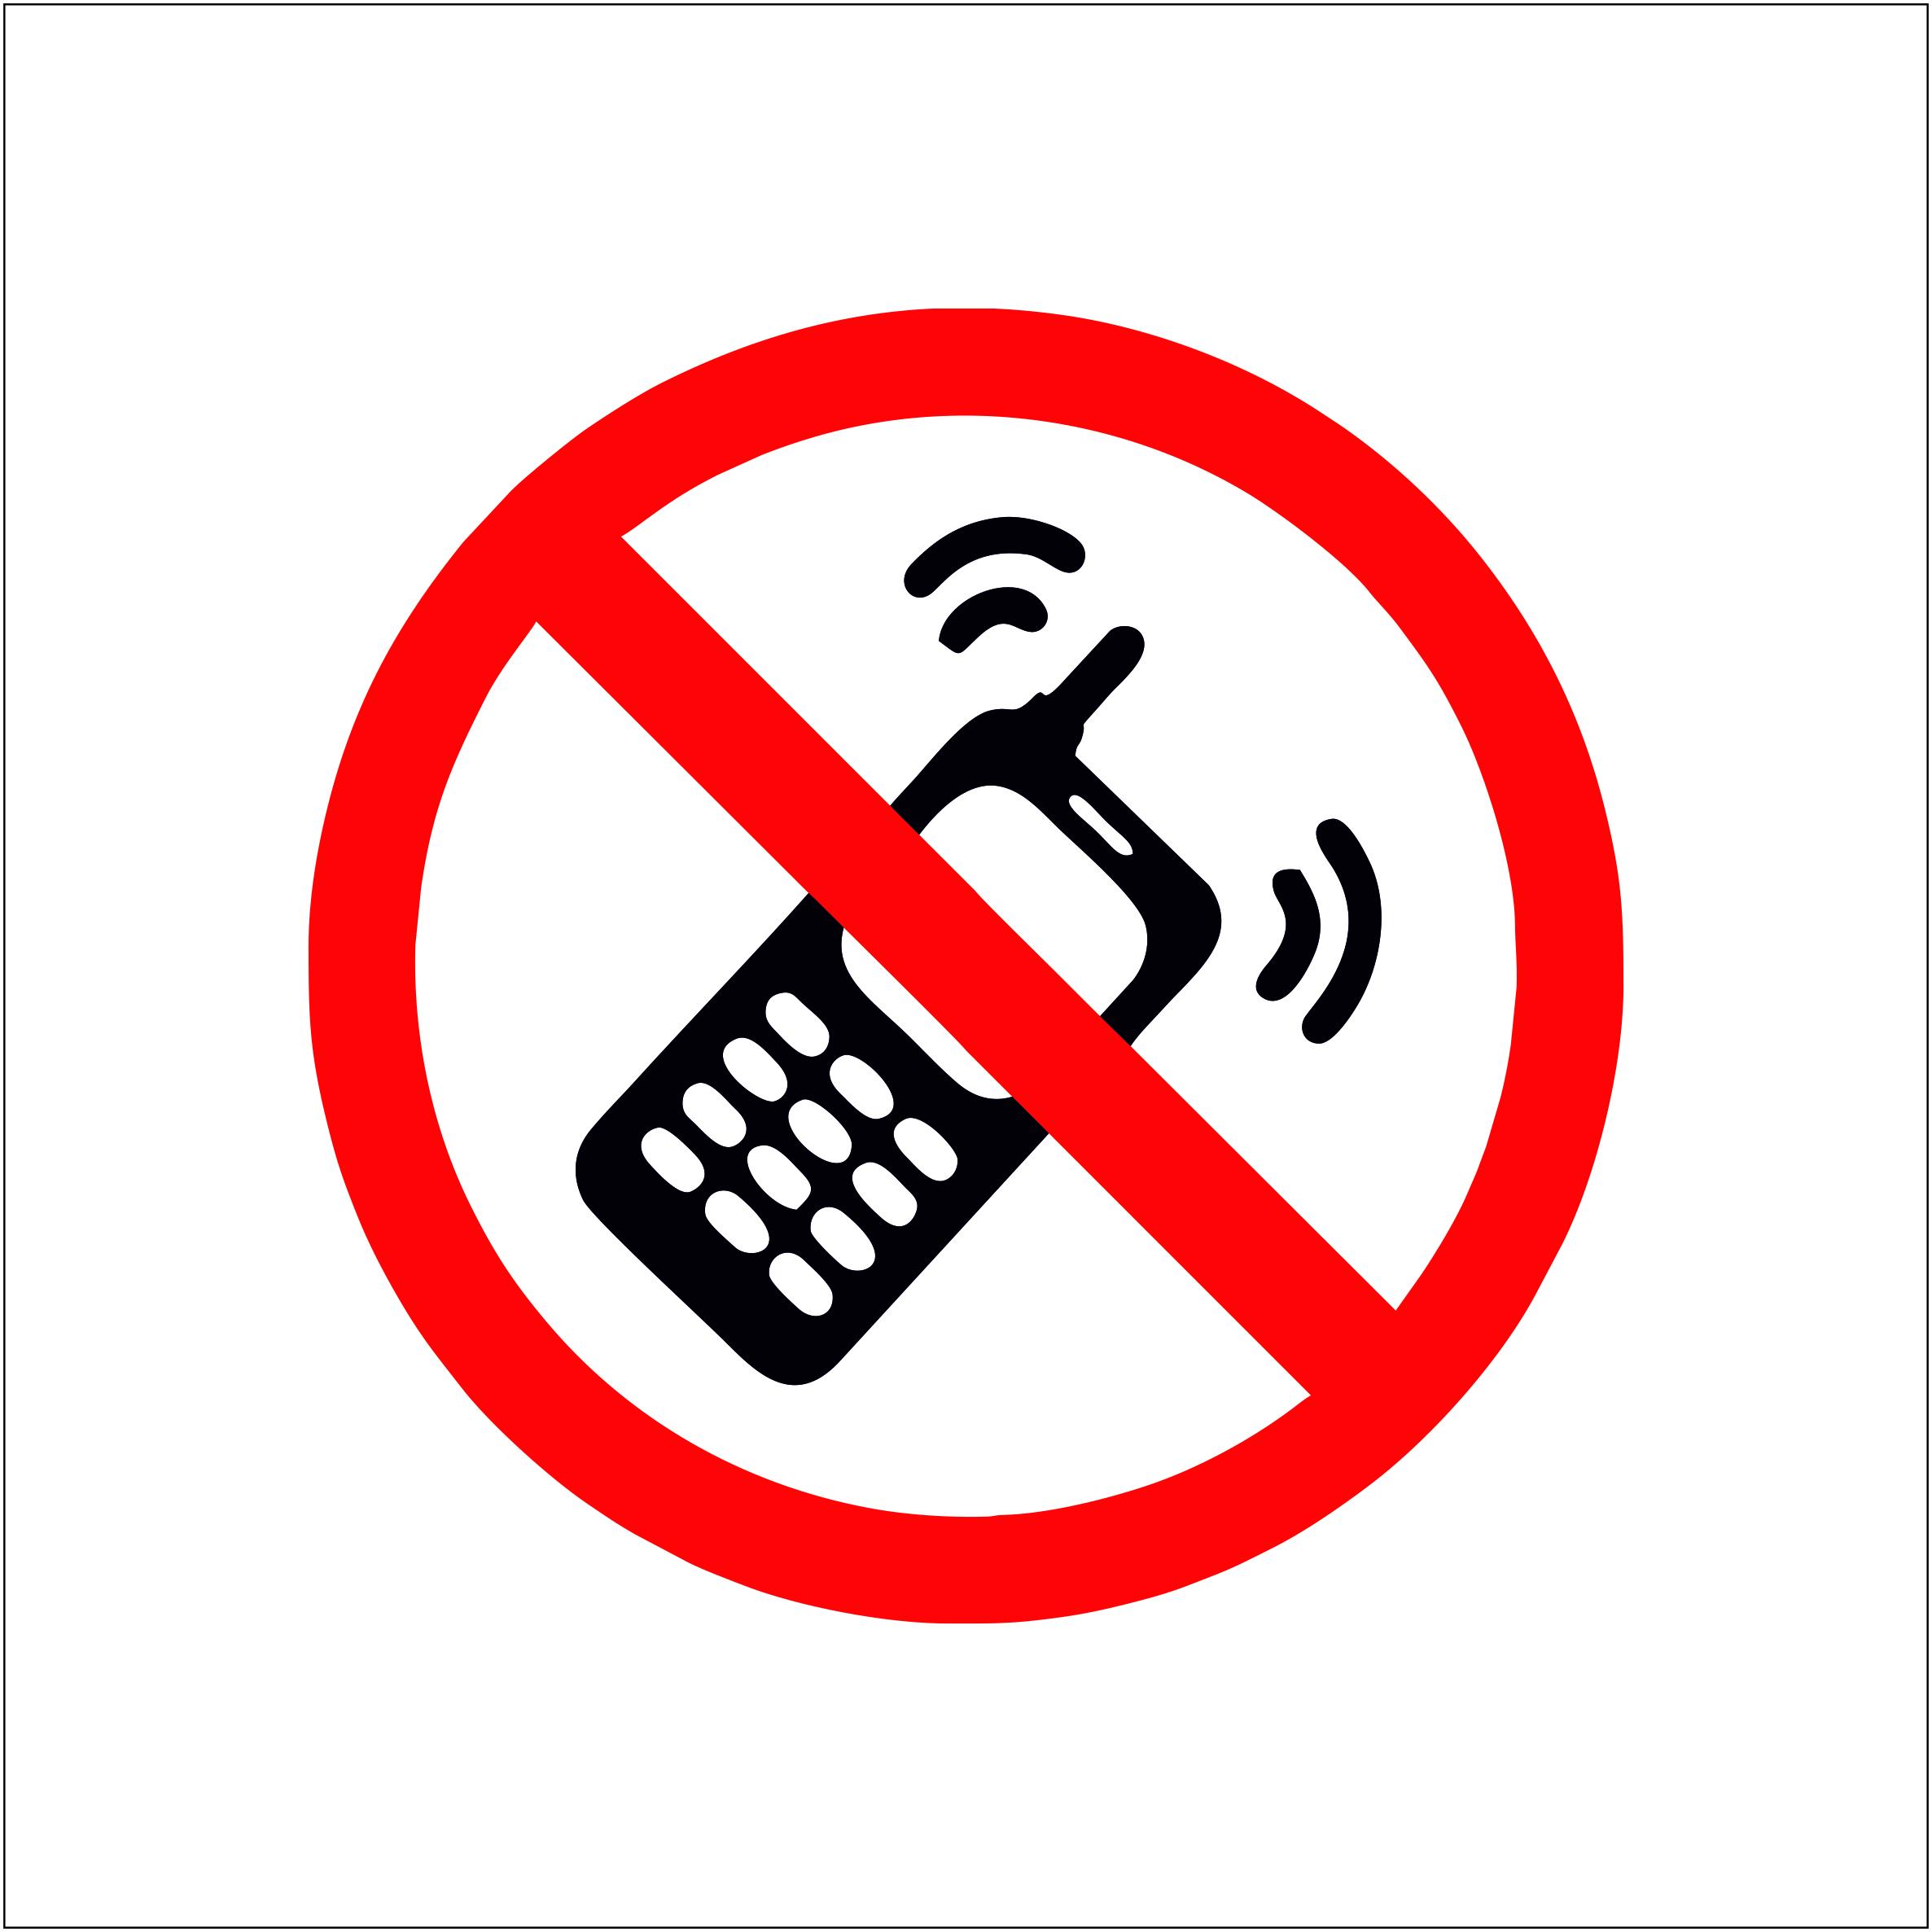 знак не пользоваться мобильными телефонами бросил монеты храме